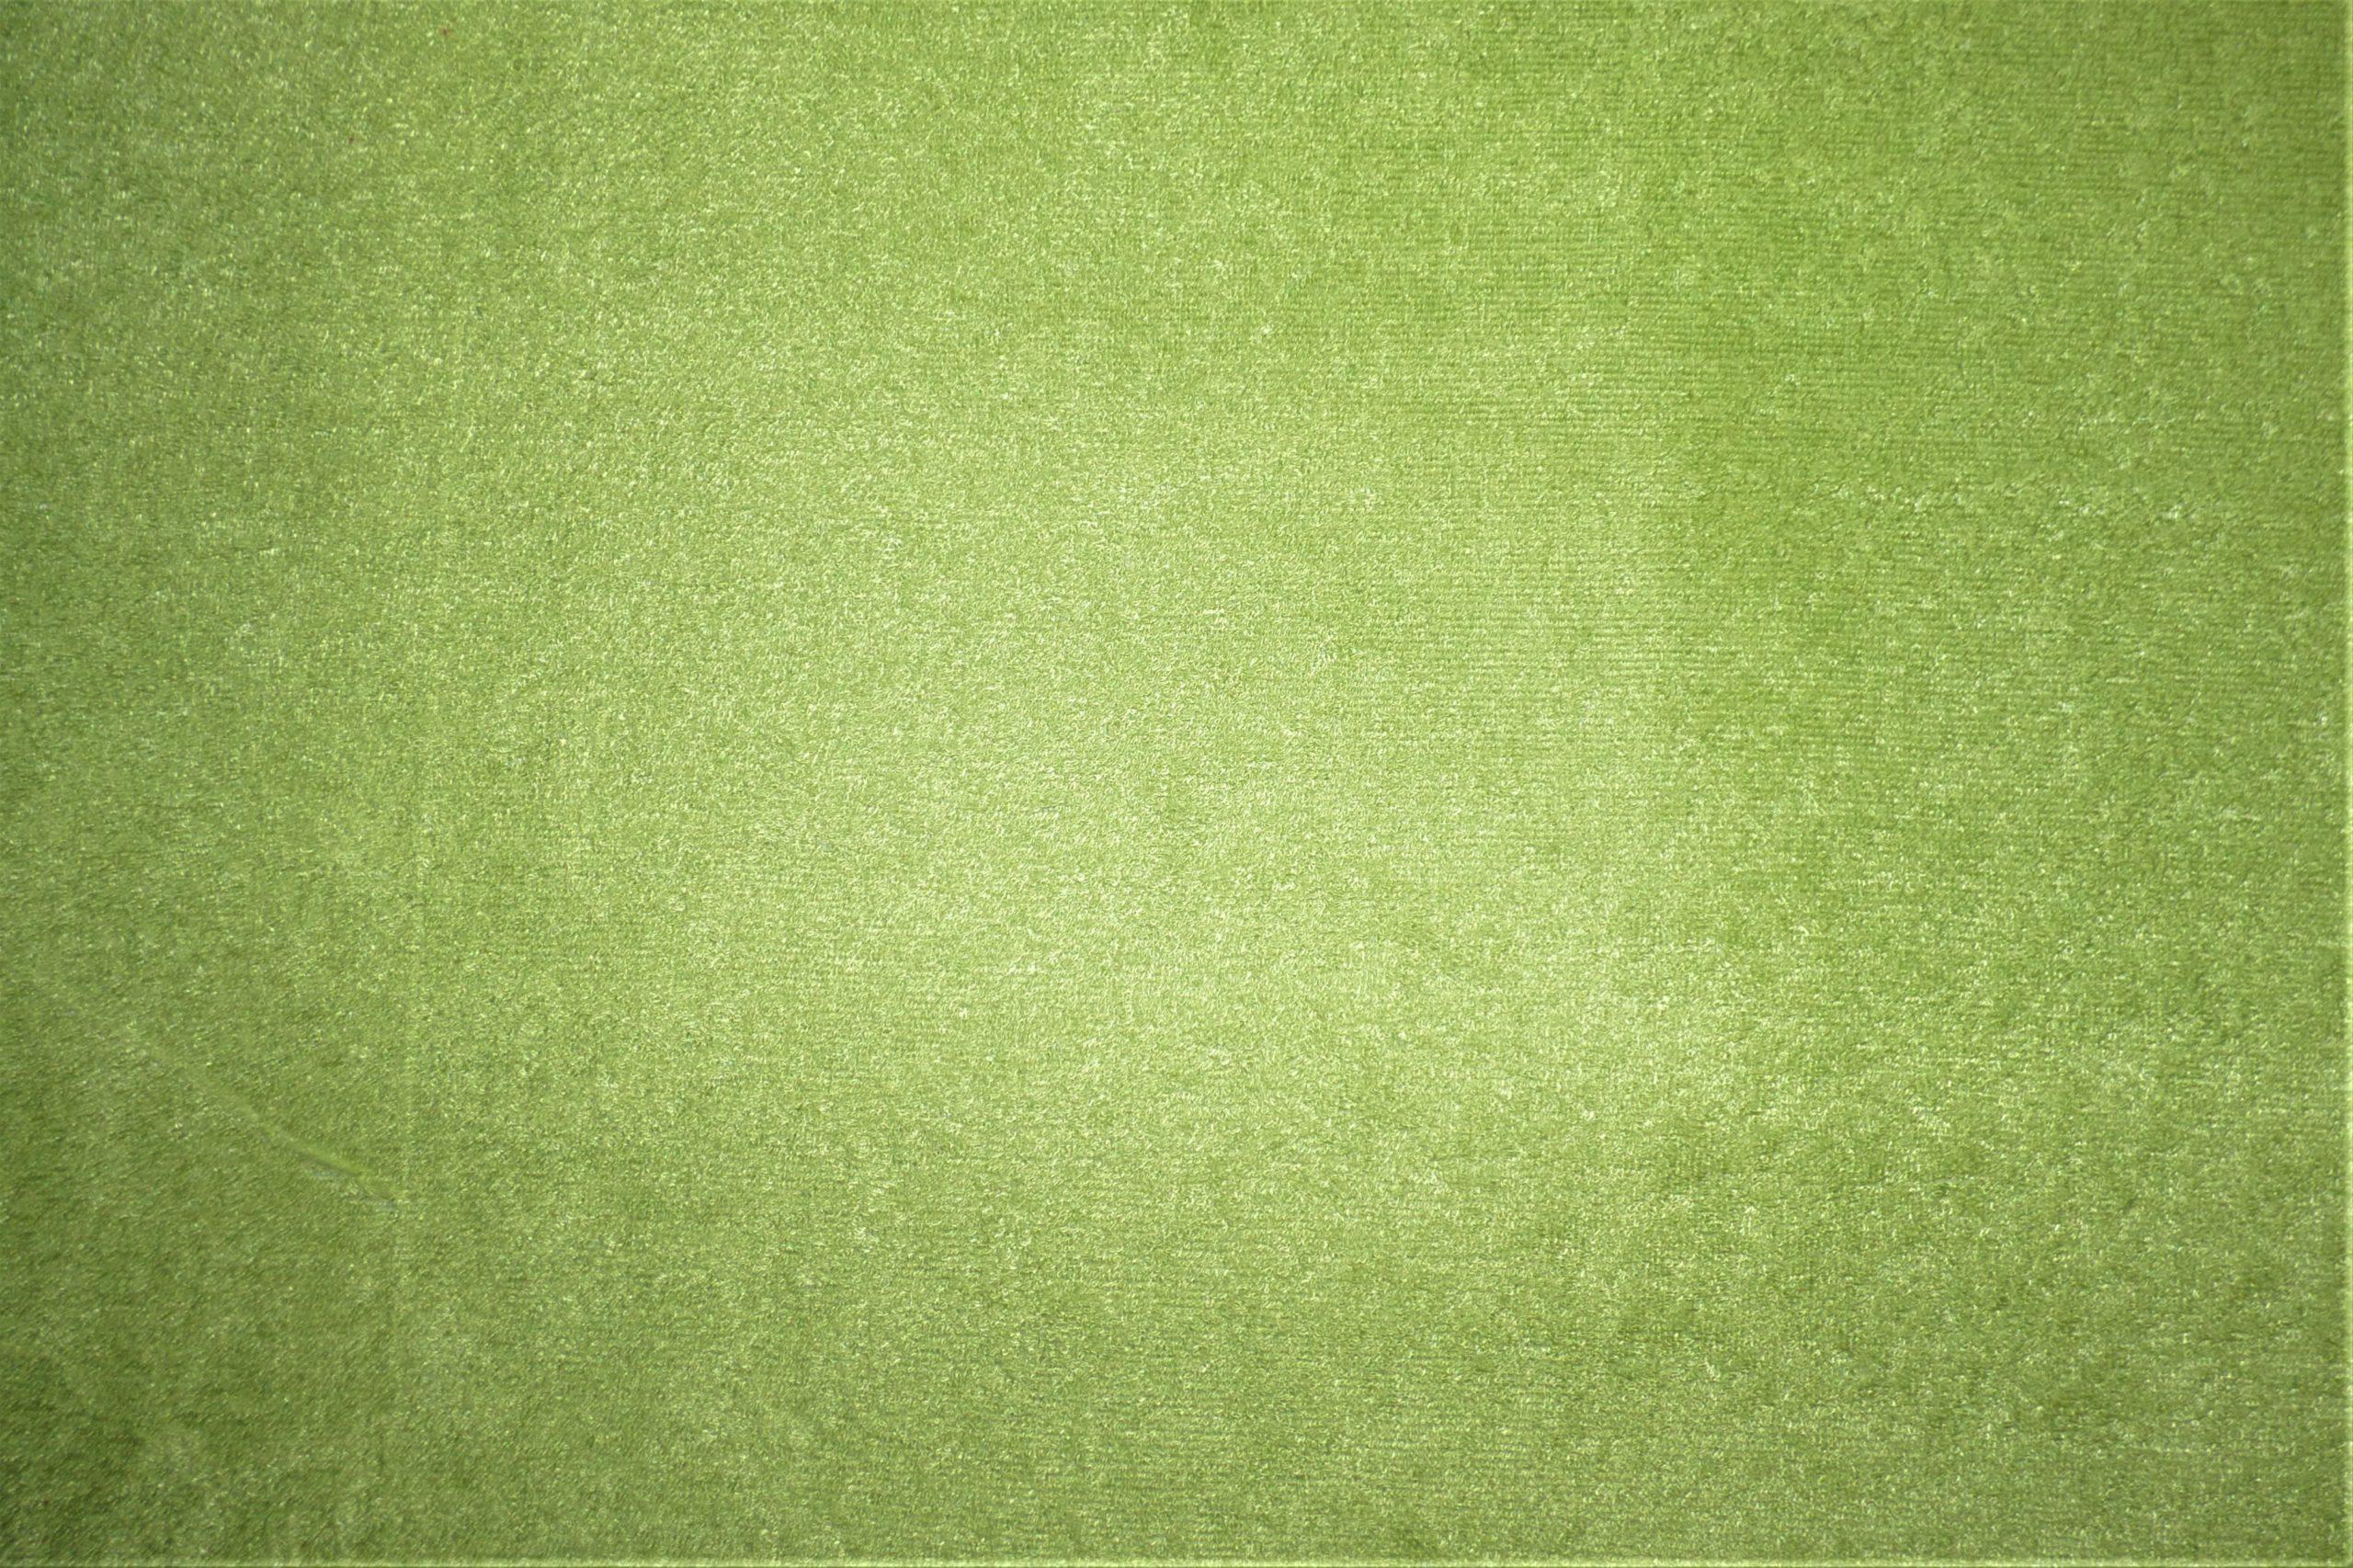 eponge de bambou vert 2